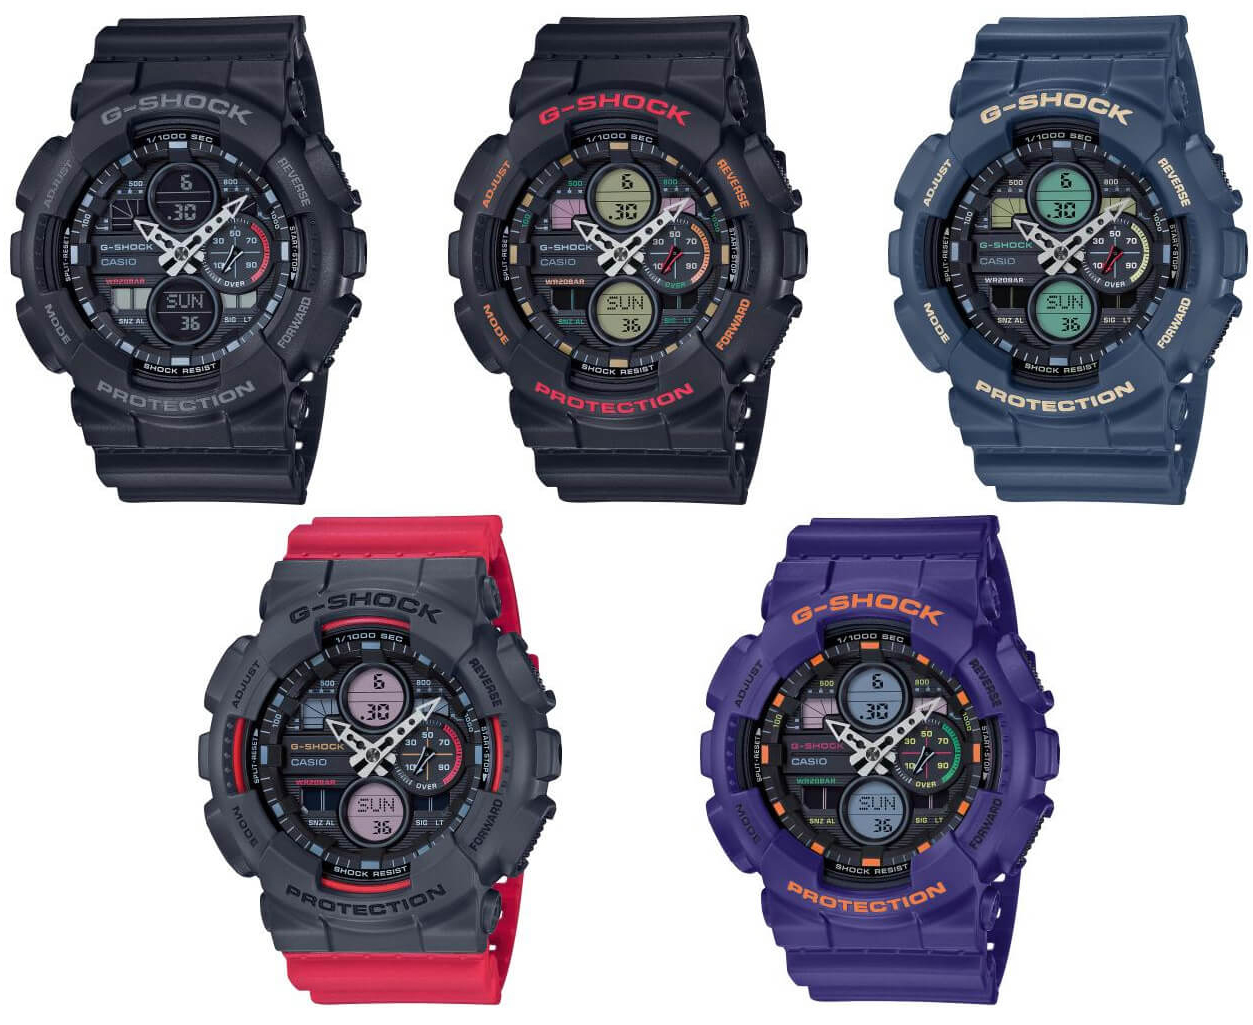 G-Shock GA-140BMC-1AER zegarek czarny sportowy G-SHOCK Original pasek